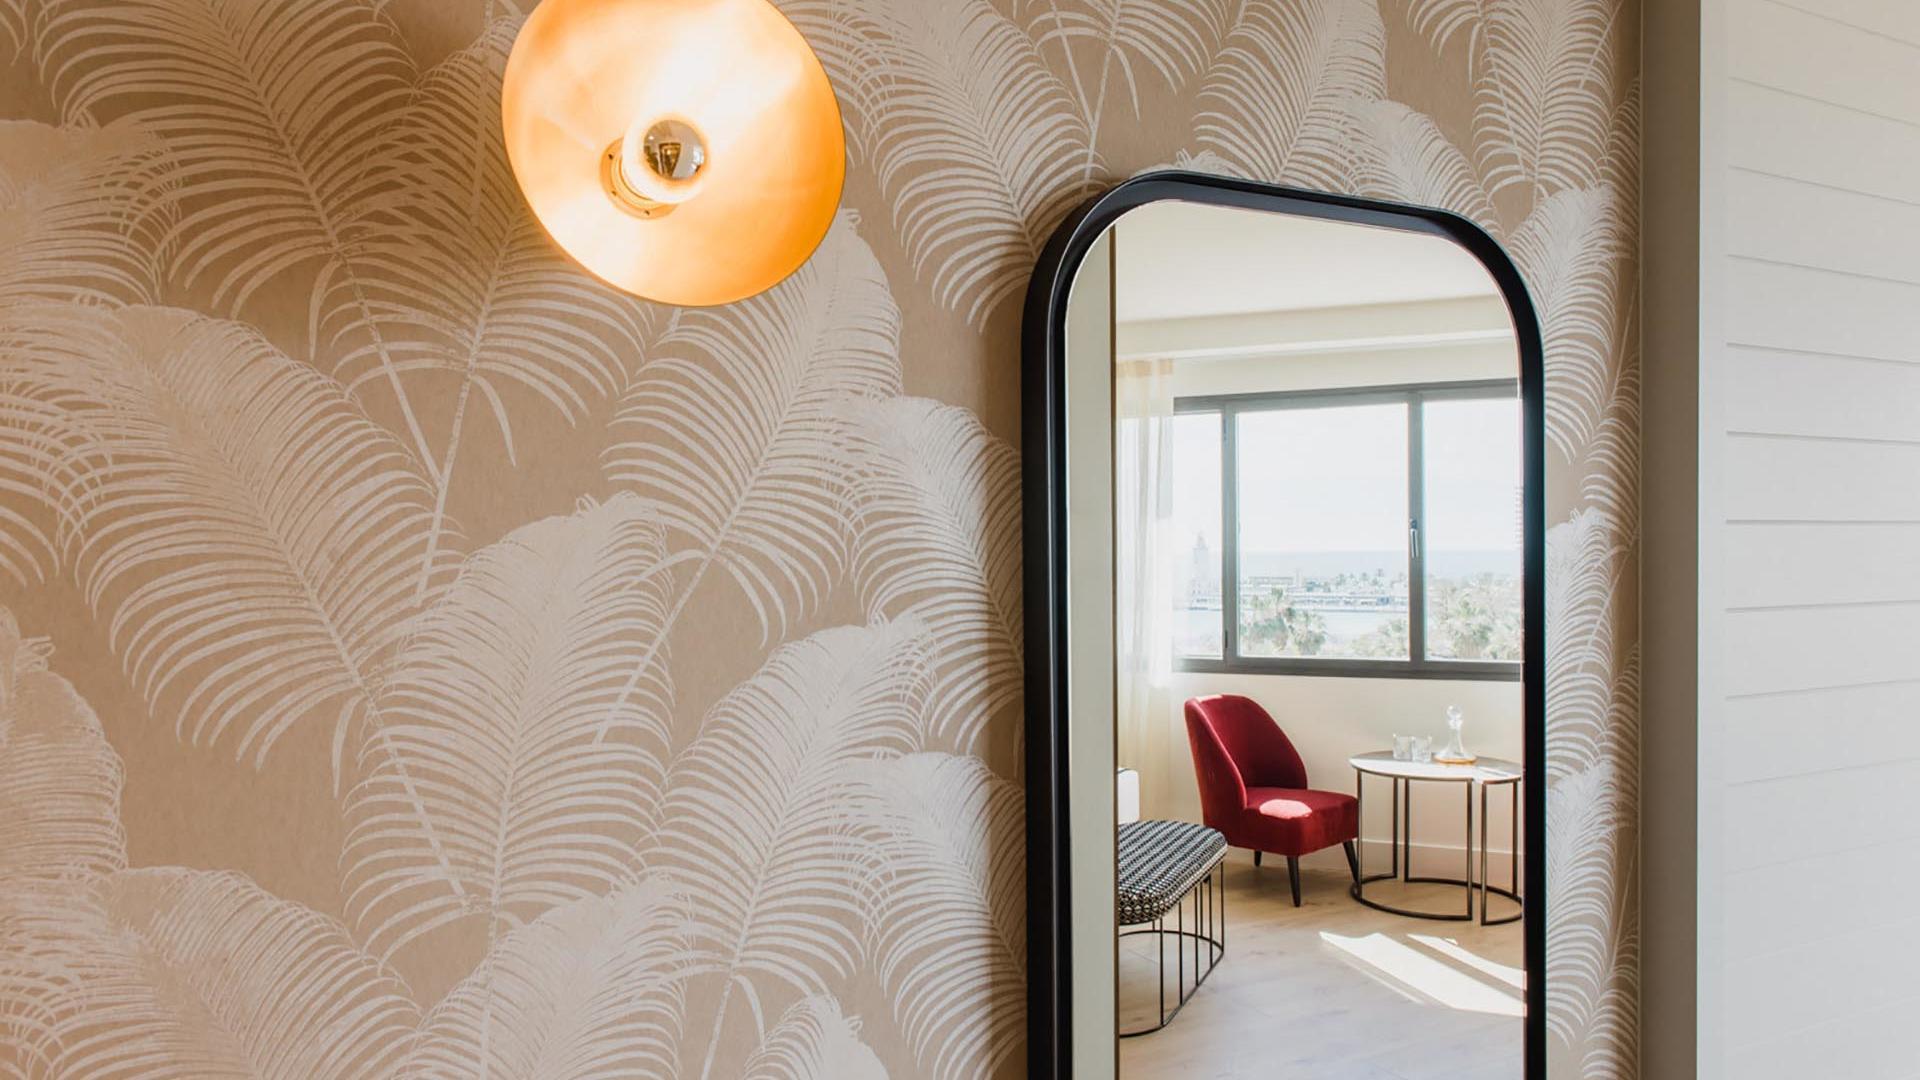 Deluxe Room Mirror  at Hotel Molina Lario